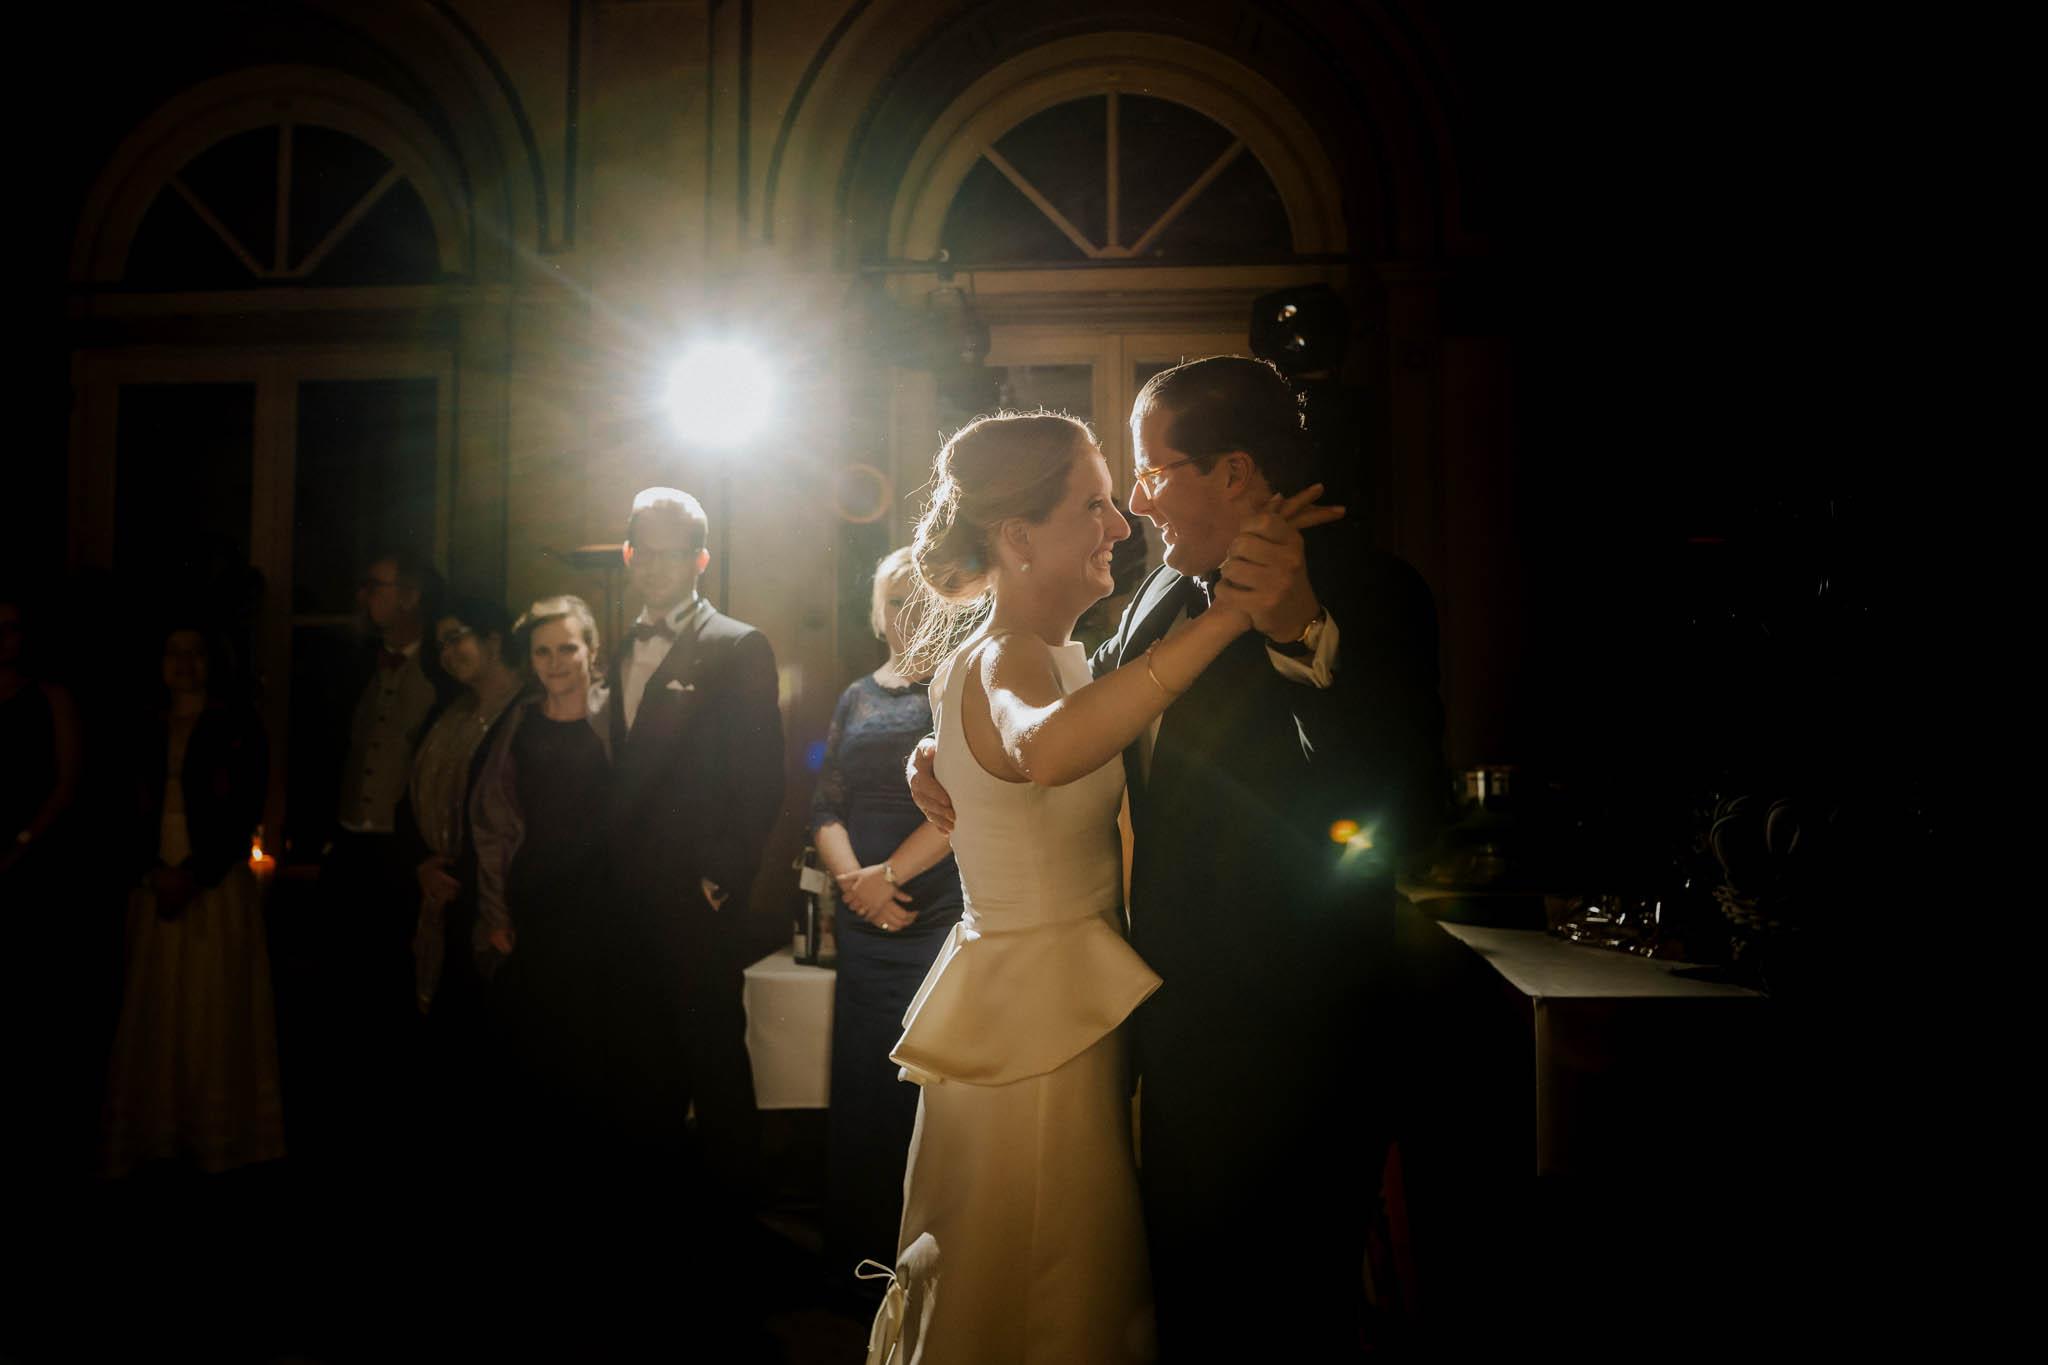 Hochzeitsfieber by Photo-Schomburg, Hochzeitsfotograf, Hamburg,Hochzeitstag, Hochzeitspaar, Braut, Bräutigam, Literaturhauscafe Hamburg-69